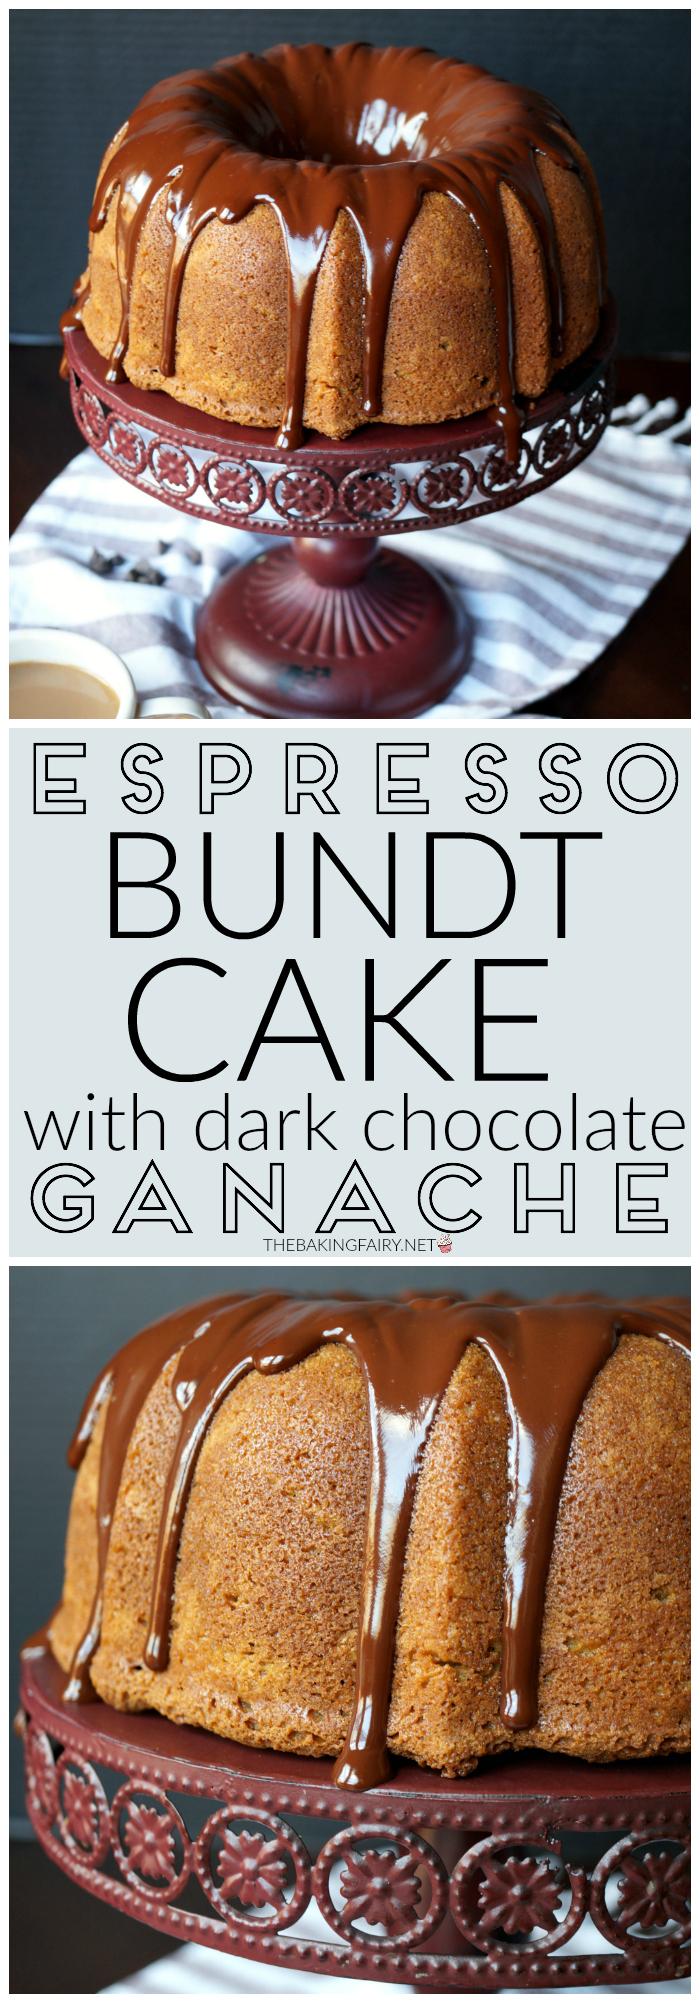 espresso bundt cake with dark chocolate ganache   The Baking Fairy